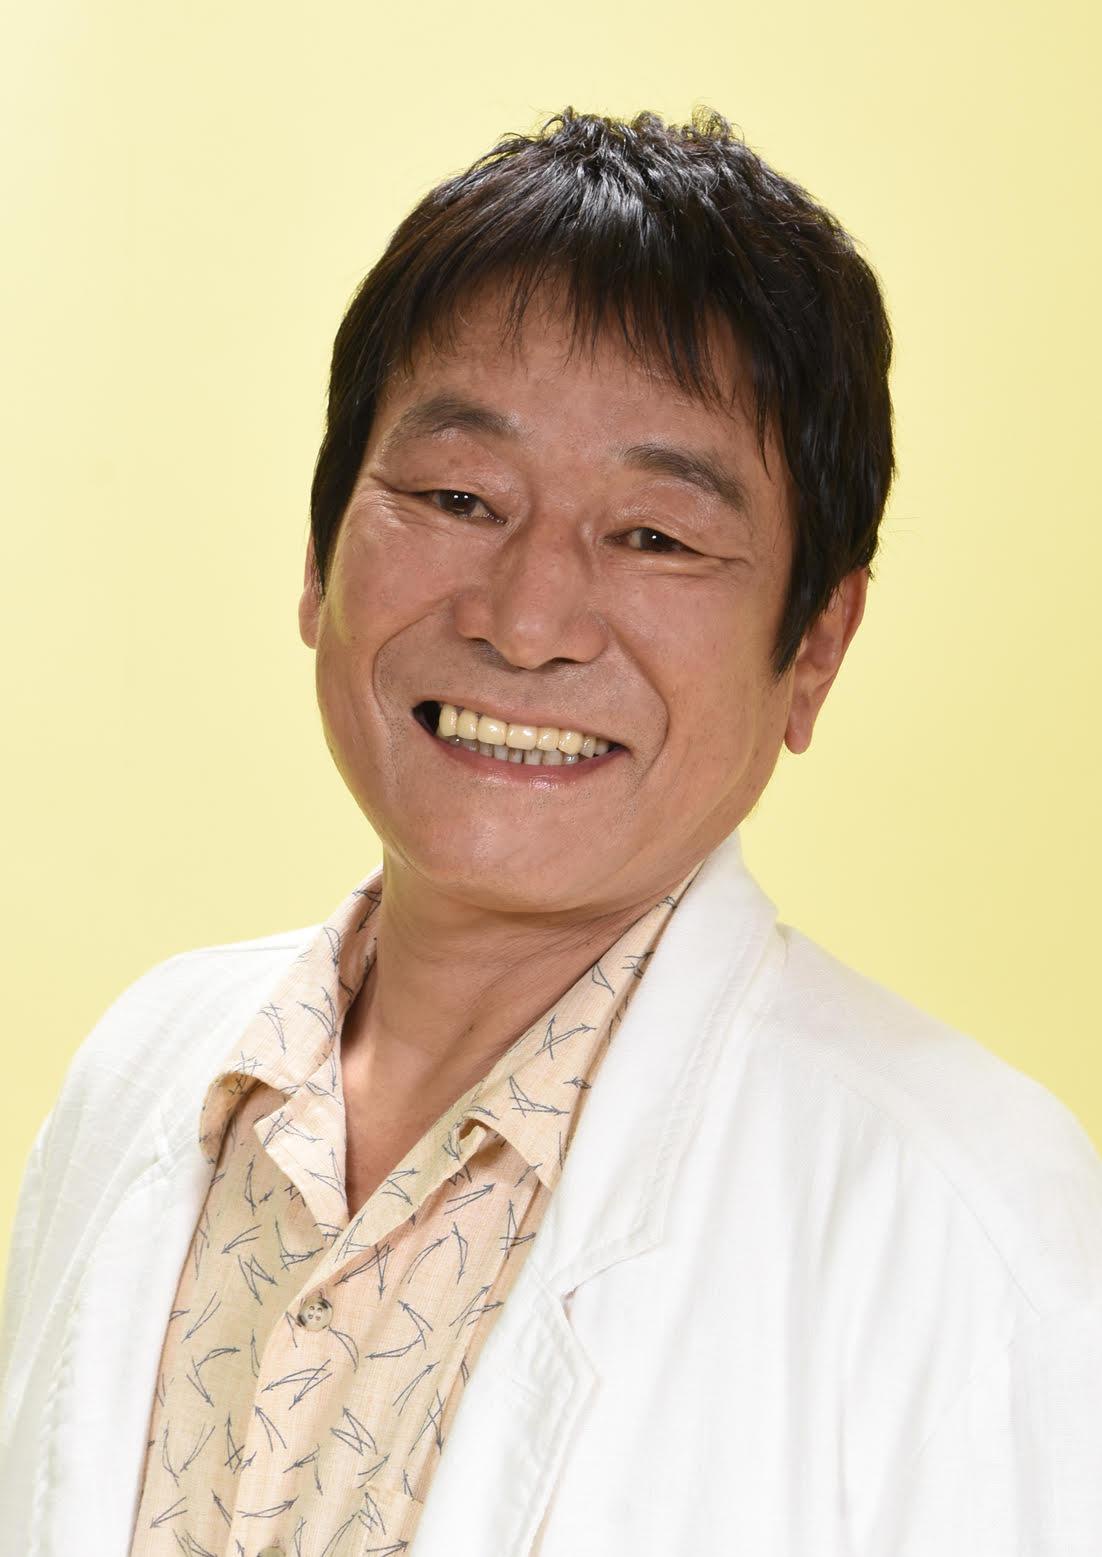 7 MEN 侍・菅田琳寧「全力を尽くします」 手塚治虫の「陽だまりの樹」で舞台初主演  イメージ画像